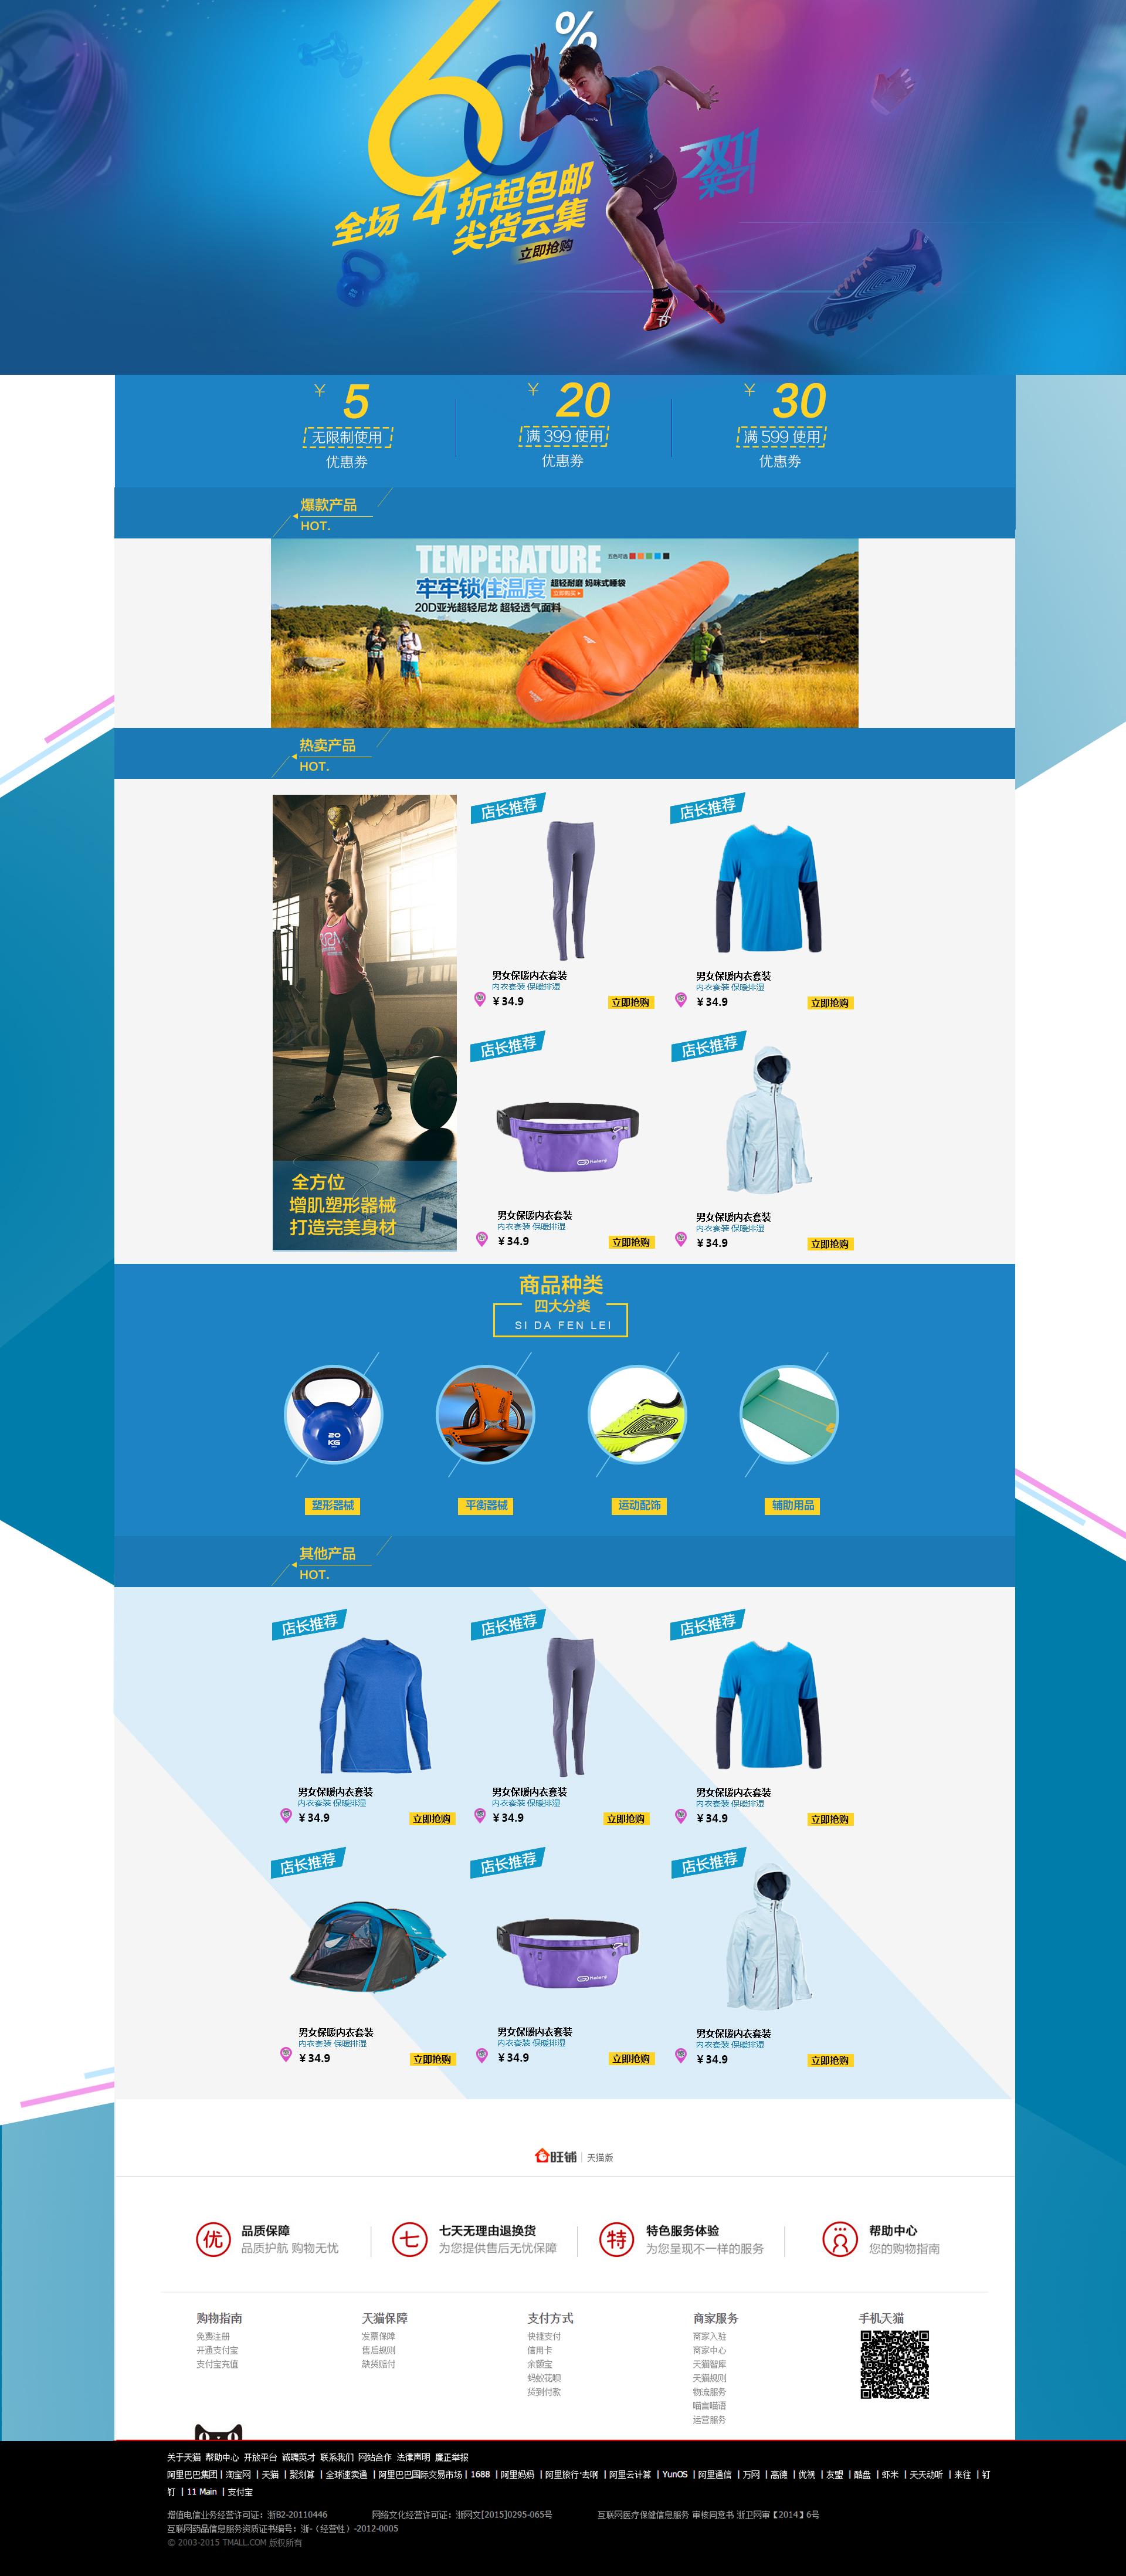 模拟双十一的运动商城网页|网页|电商|刘小璐 - 原创